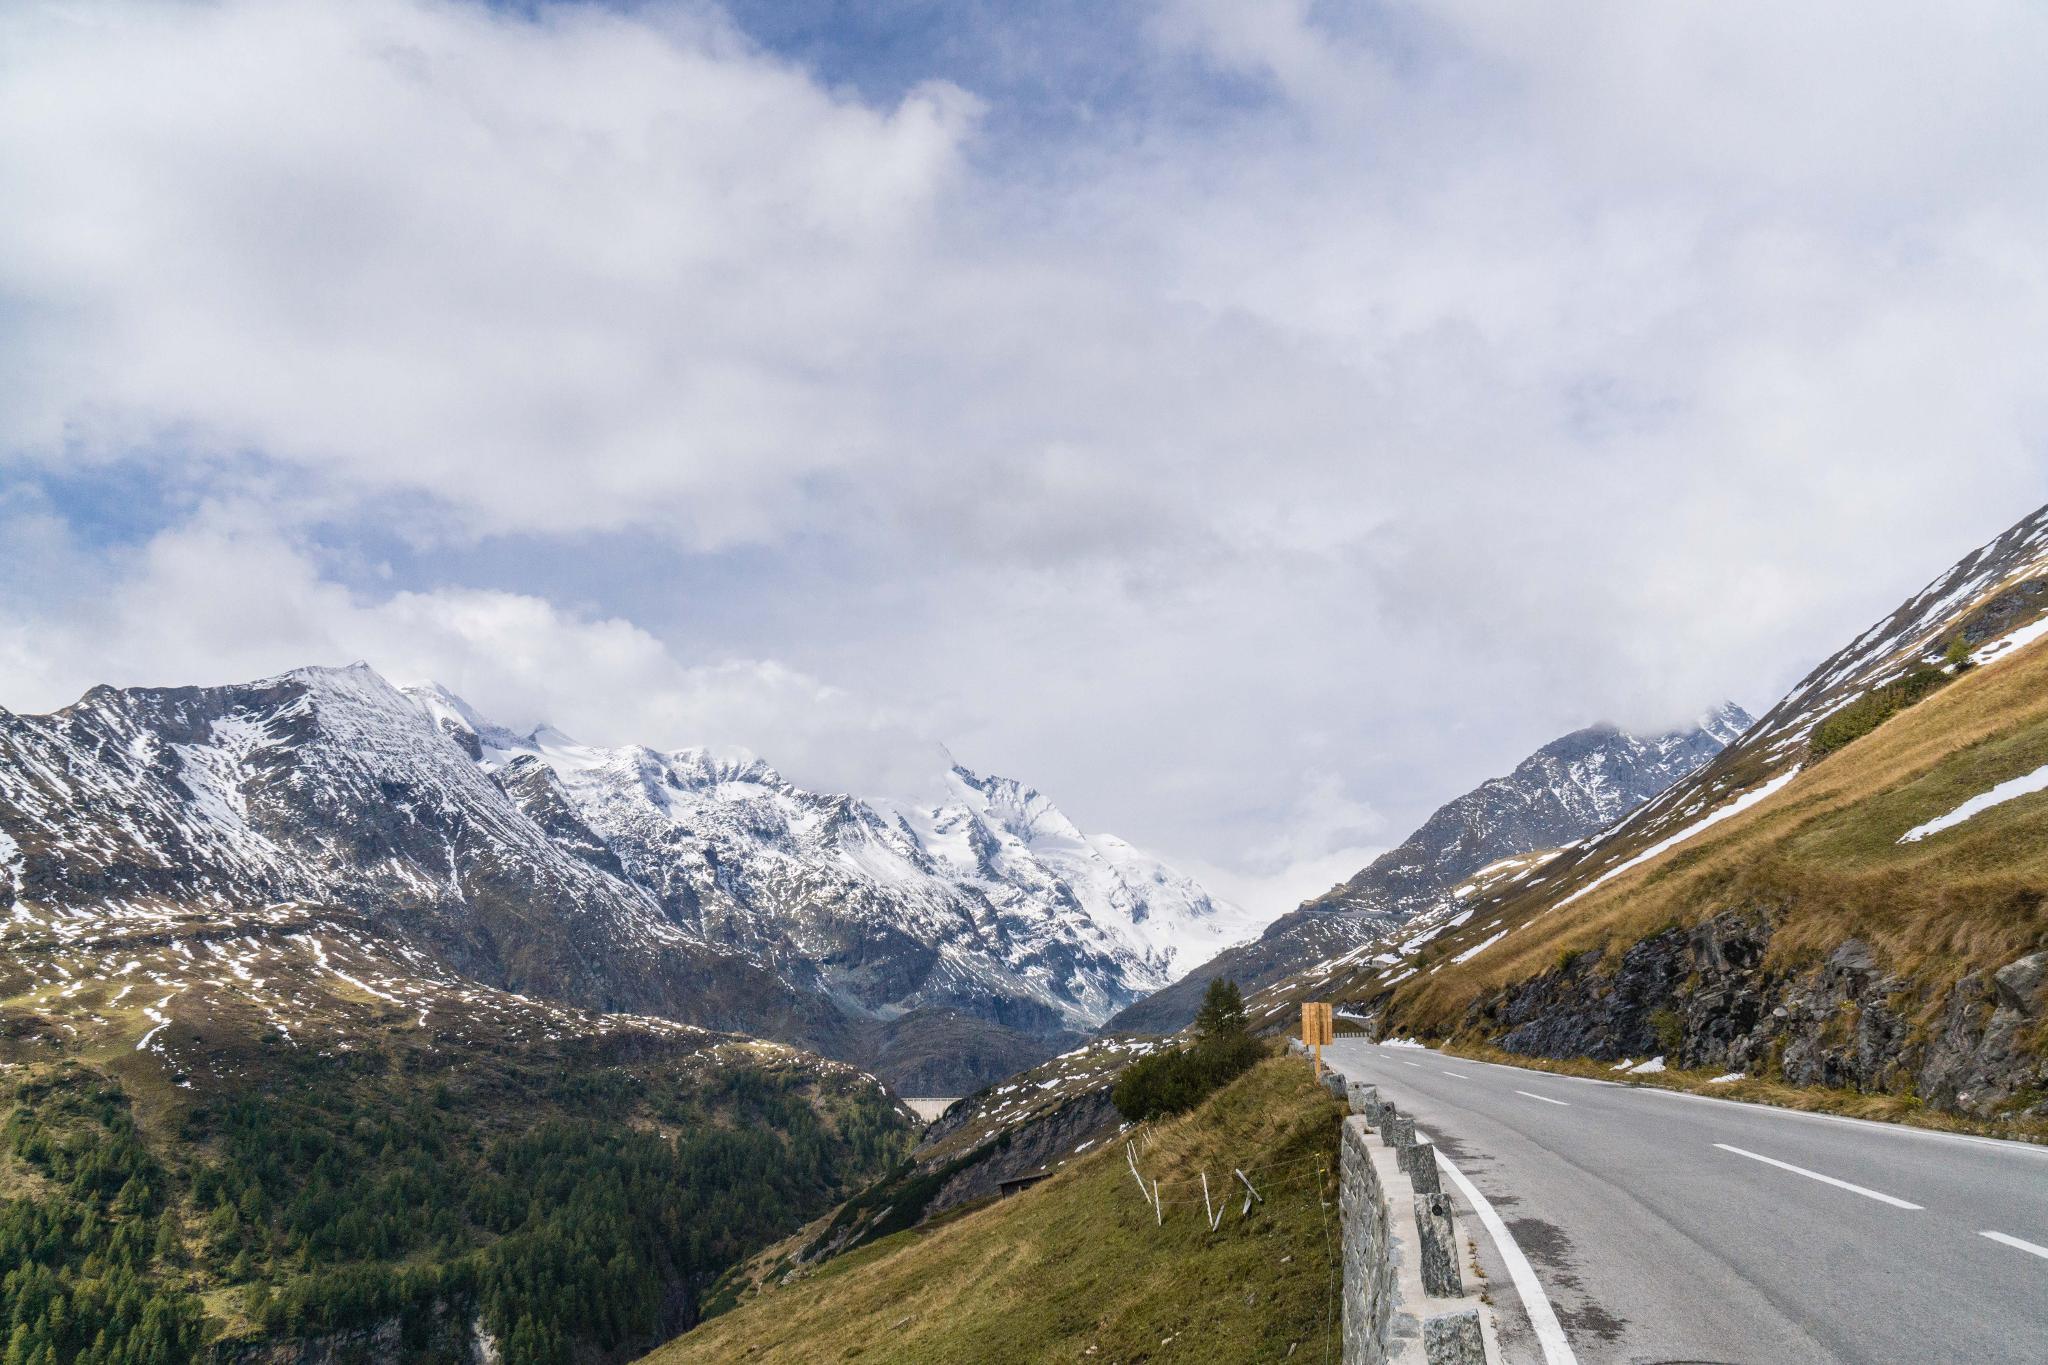 【奧地利】穿越阿爾卑斯之巔 — 奧地利大鐘山冰河公路 (Grossglockner High Alpine Road) 17